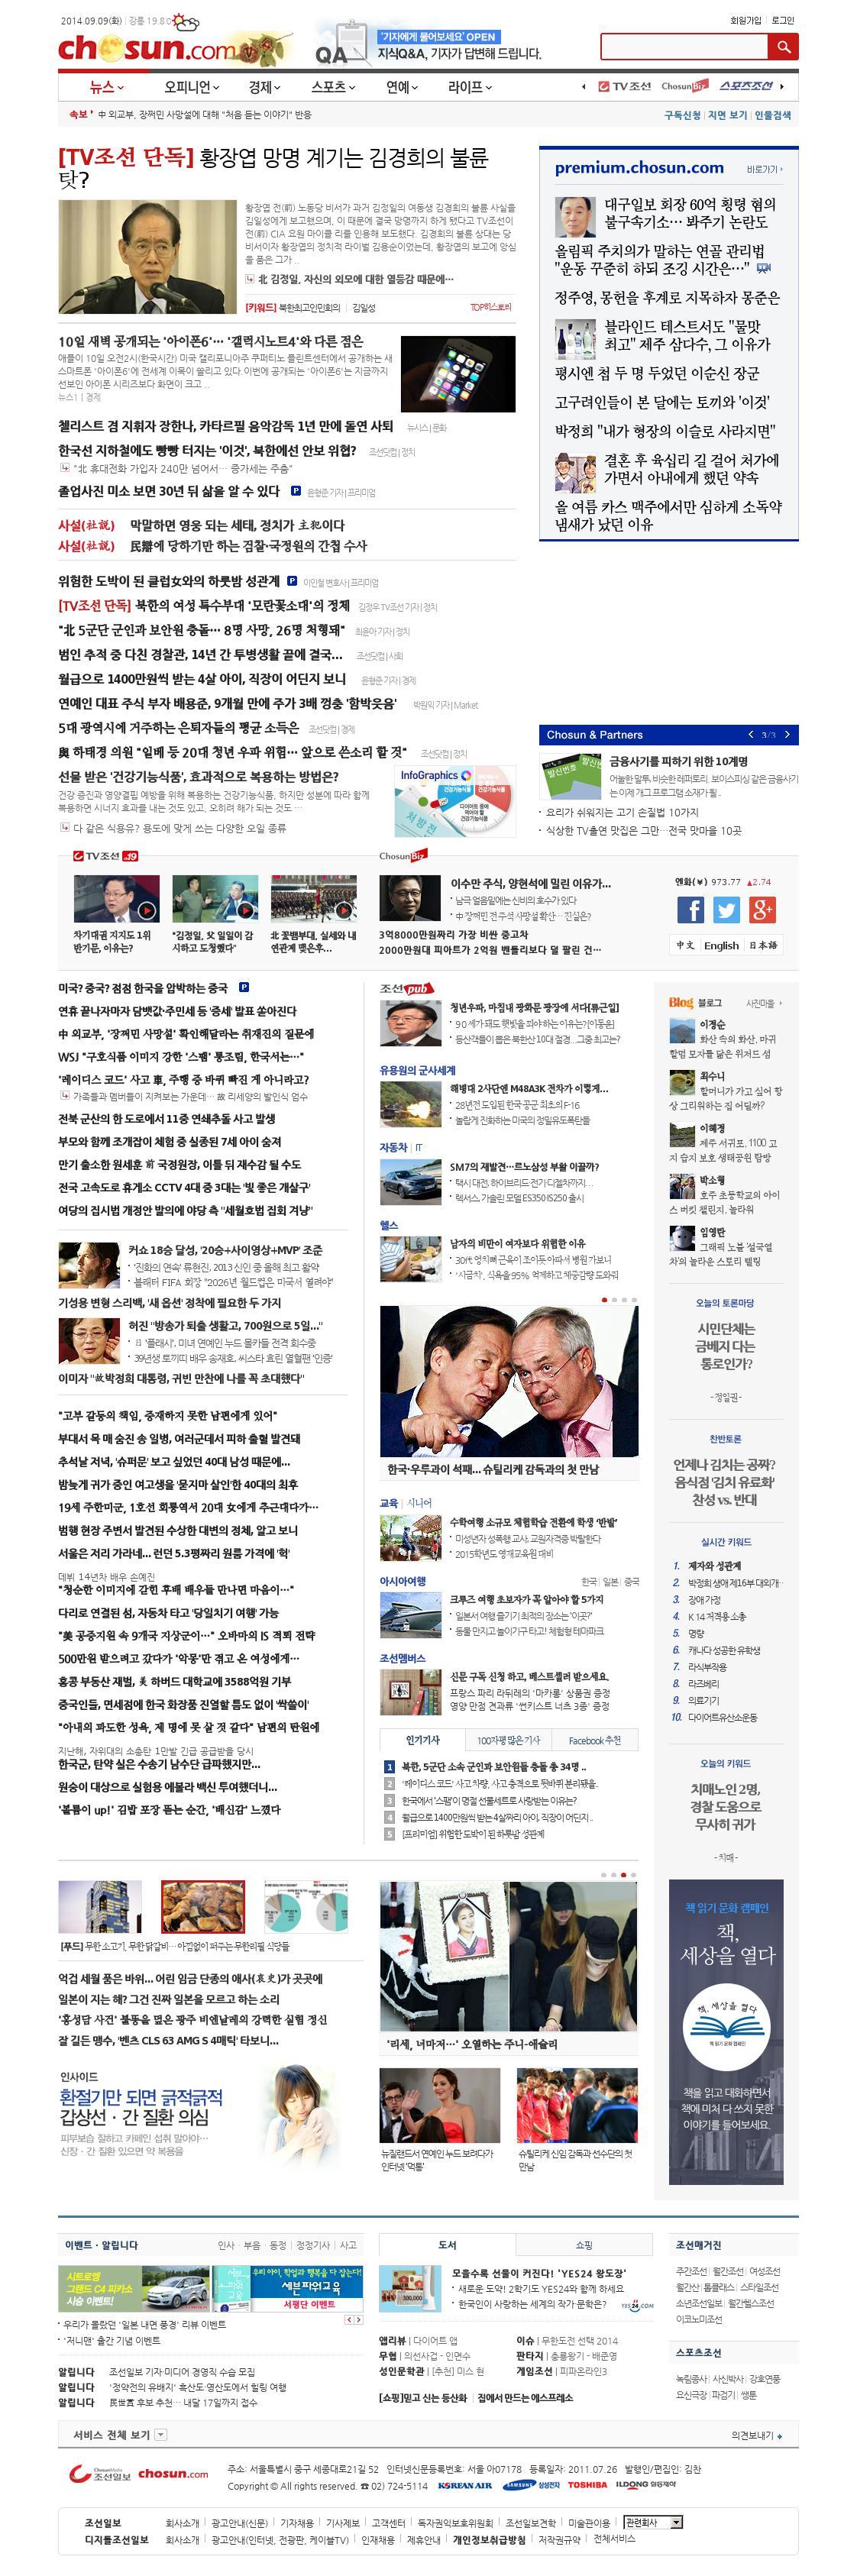 chosun.com at Tuesday Sept. 9, 2014, 2:02 p.m. UTC